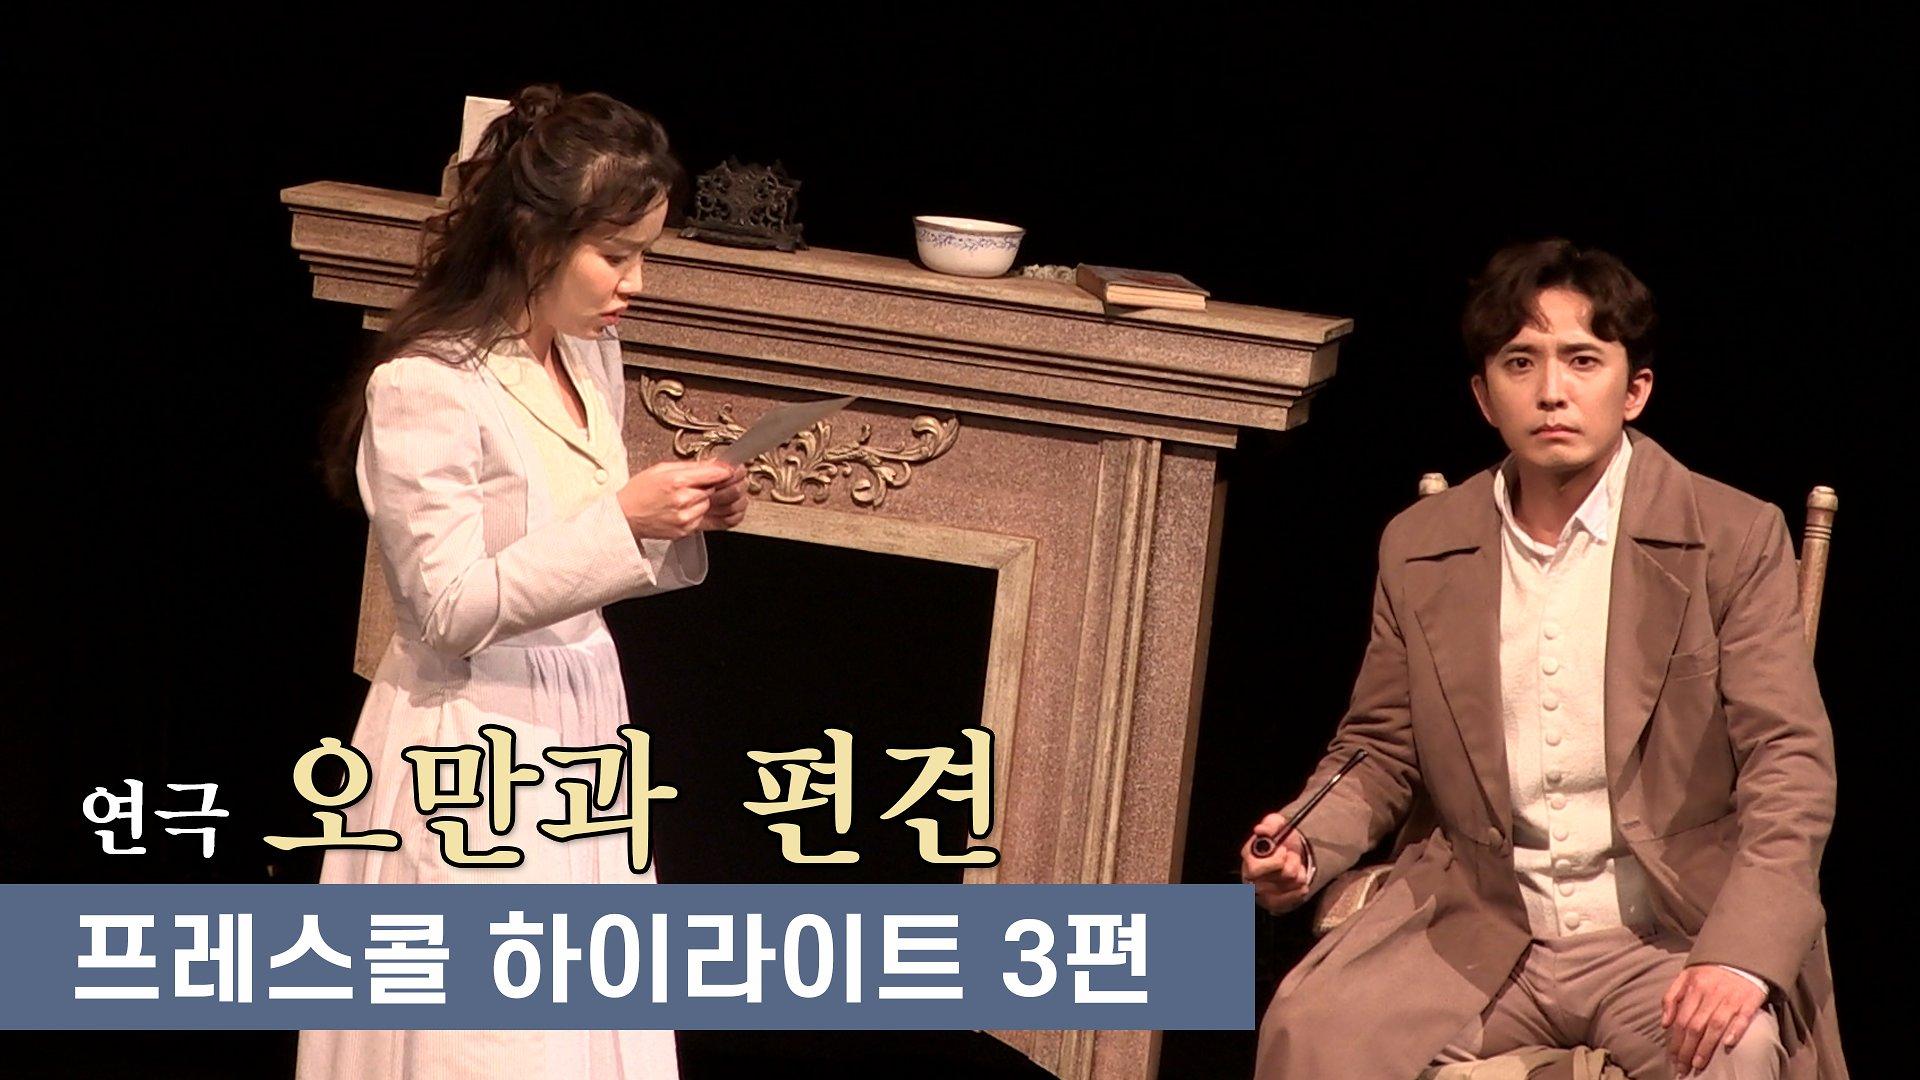 연극 '오만과 편견' 2019 프레스콜 하이라이트 3부 - 김지현, 정운선, 윤나무